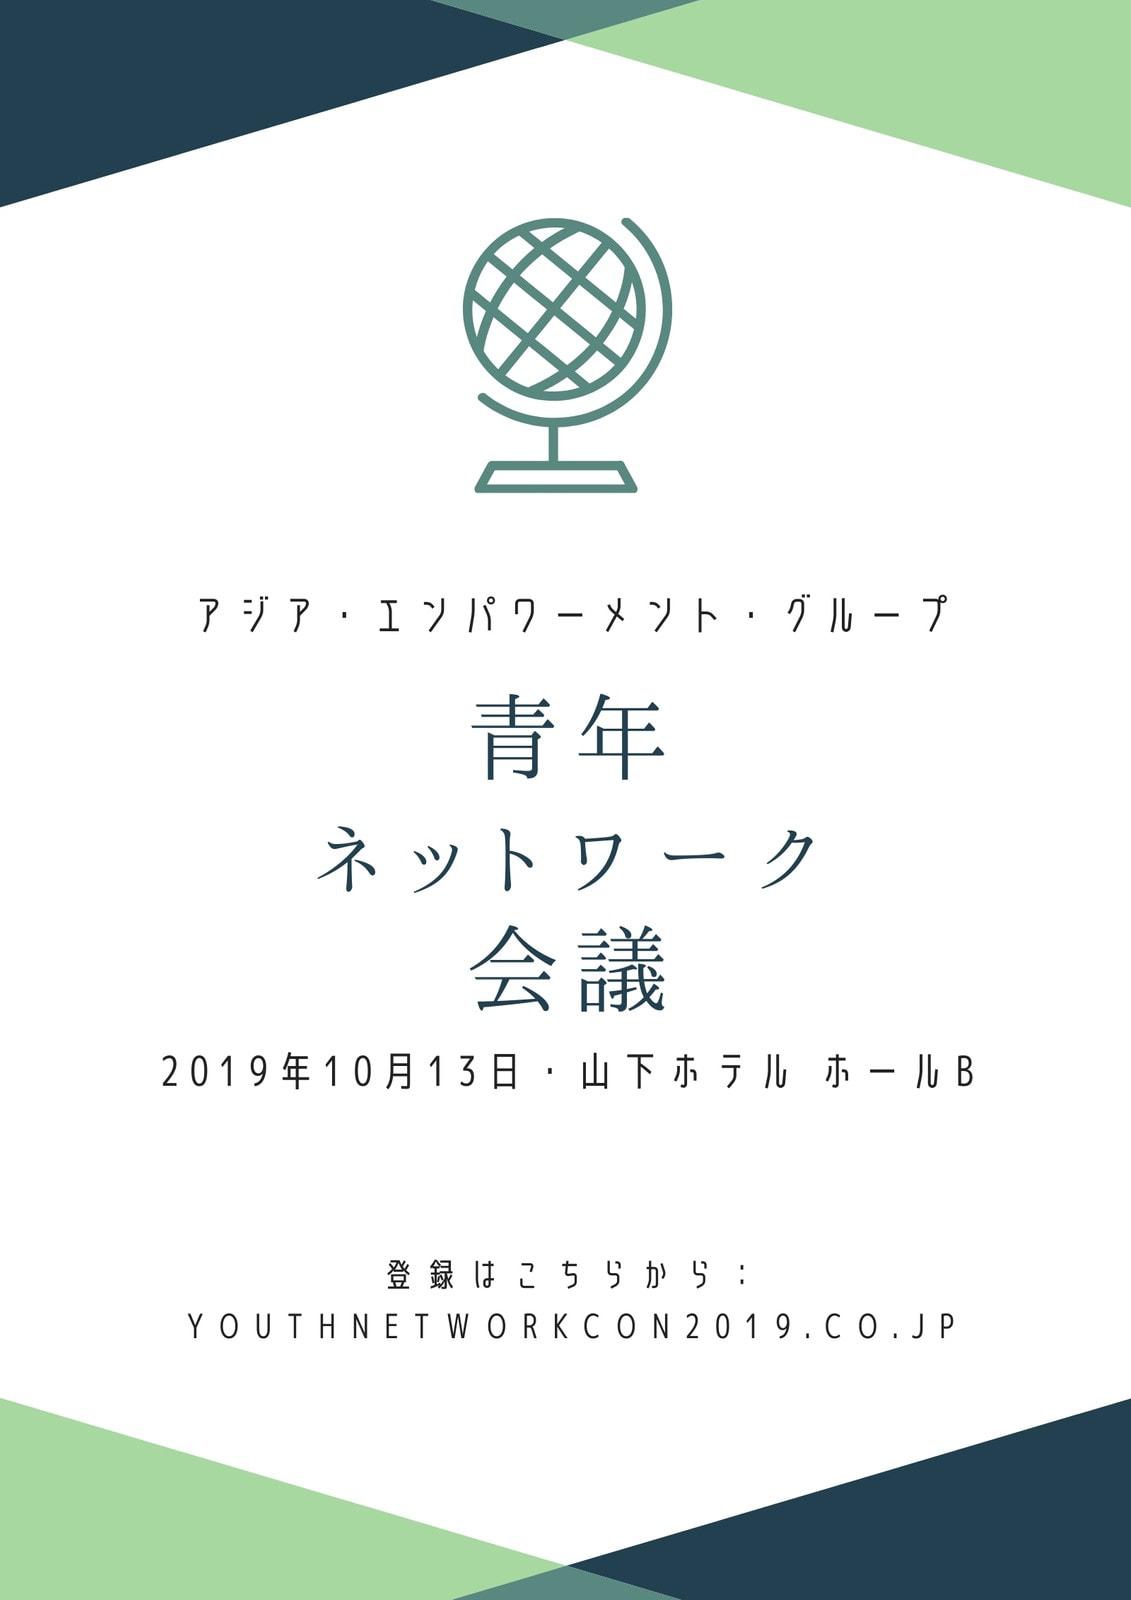 緑、地球・アイコン、青年ネットワーク・会議、ポスター